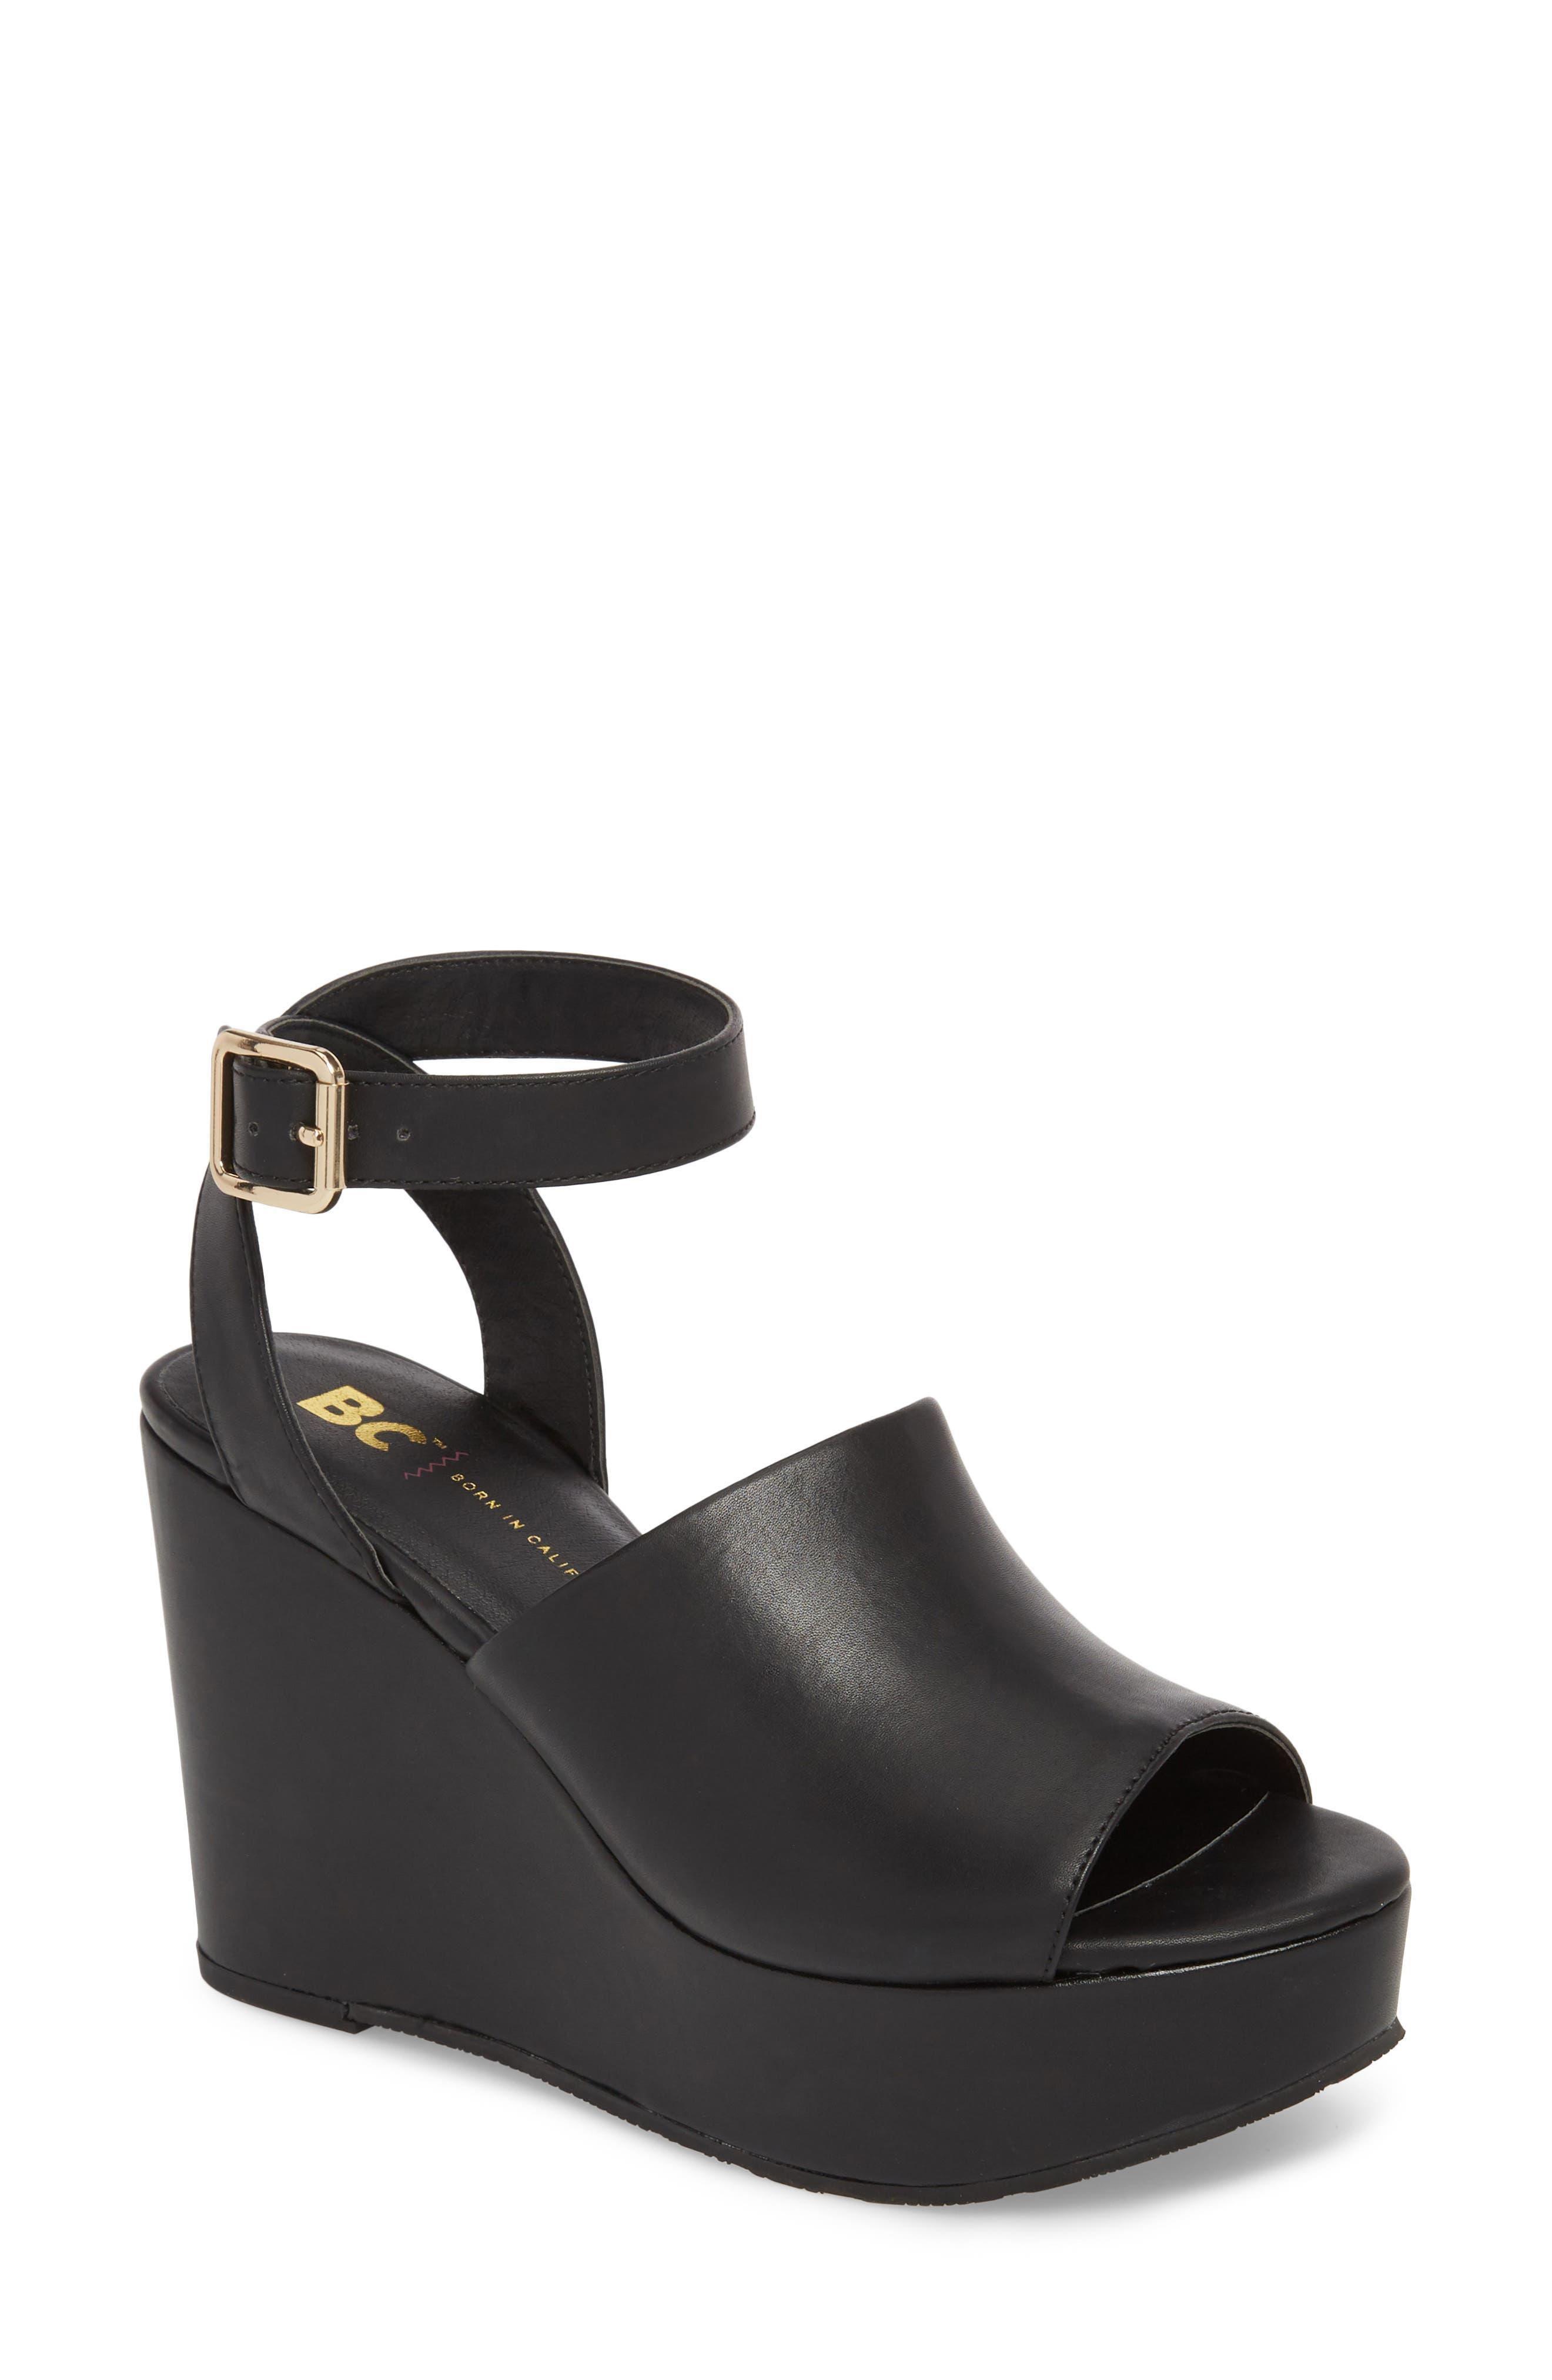 Admit One Platform Wedge Sandal,                         Main,                         color, 001